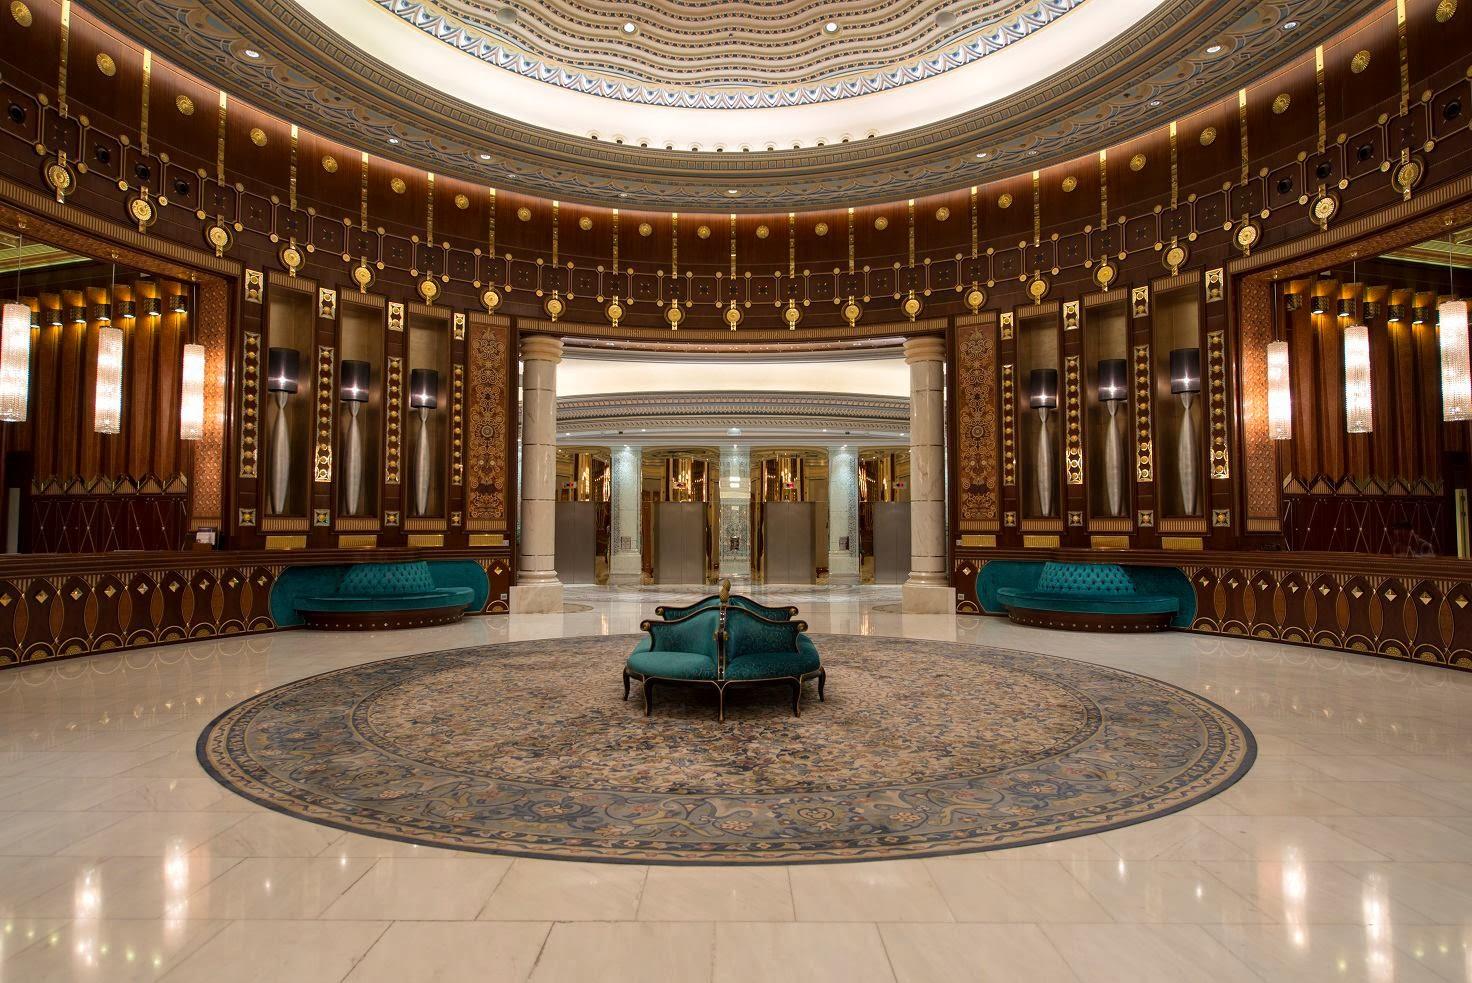 The Ritz Carlton Hotel In Riyadh Saudi Arabia Soraya